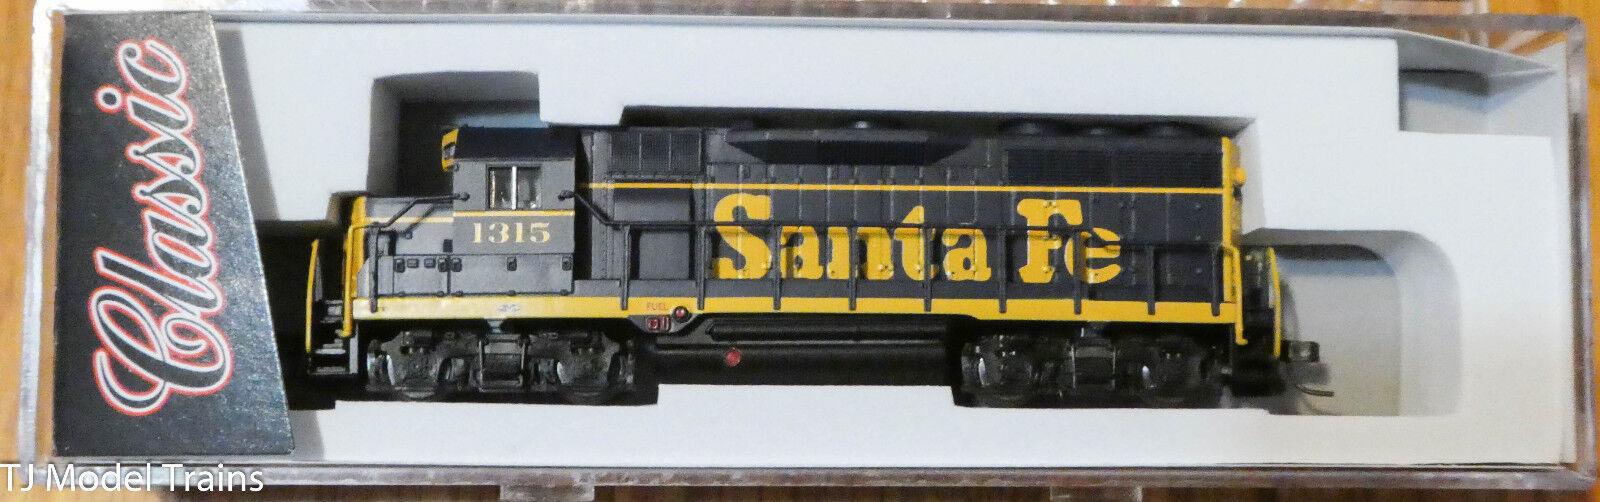 Atlas N  40003151 GP-35 Loco. Santa Fe (Rd 1315) (decodificador Ready)